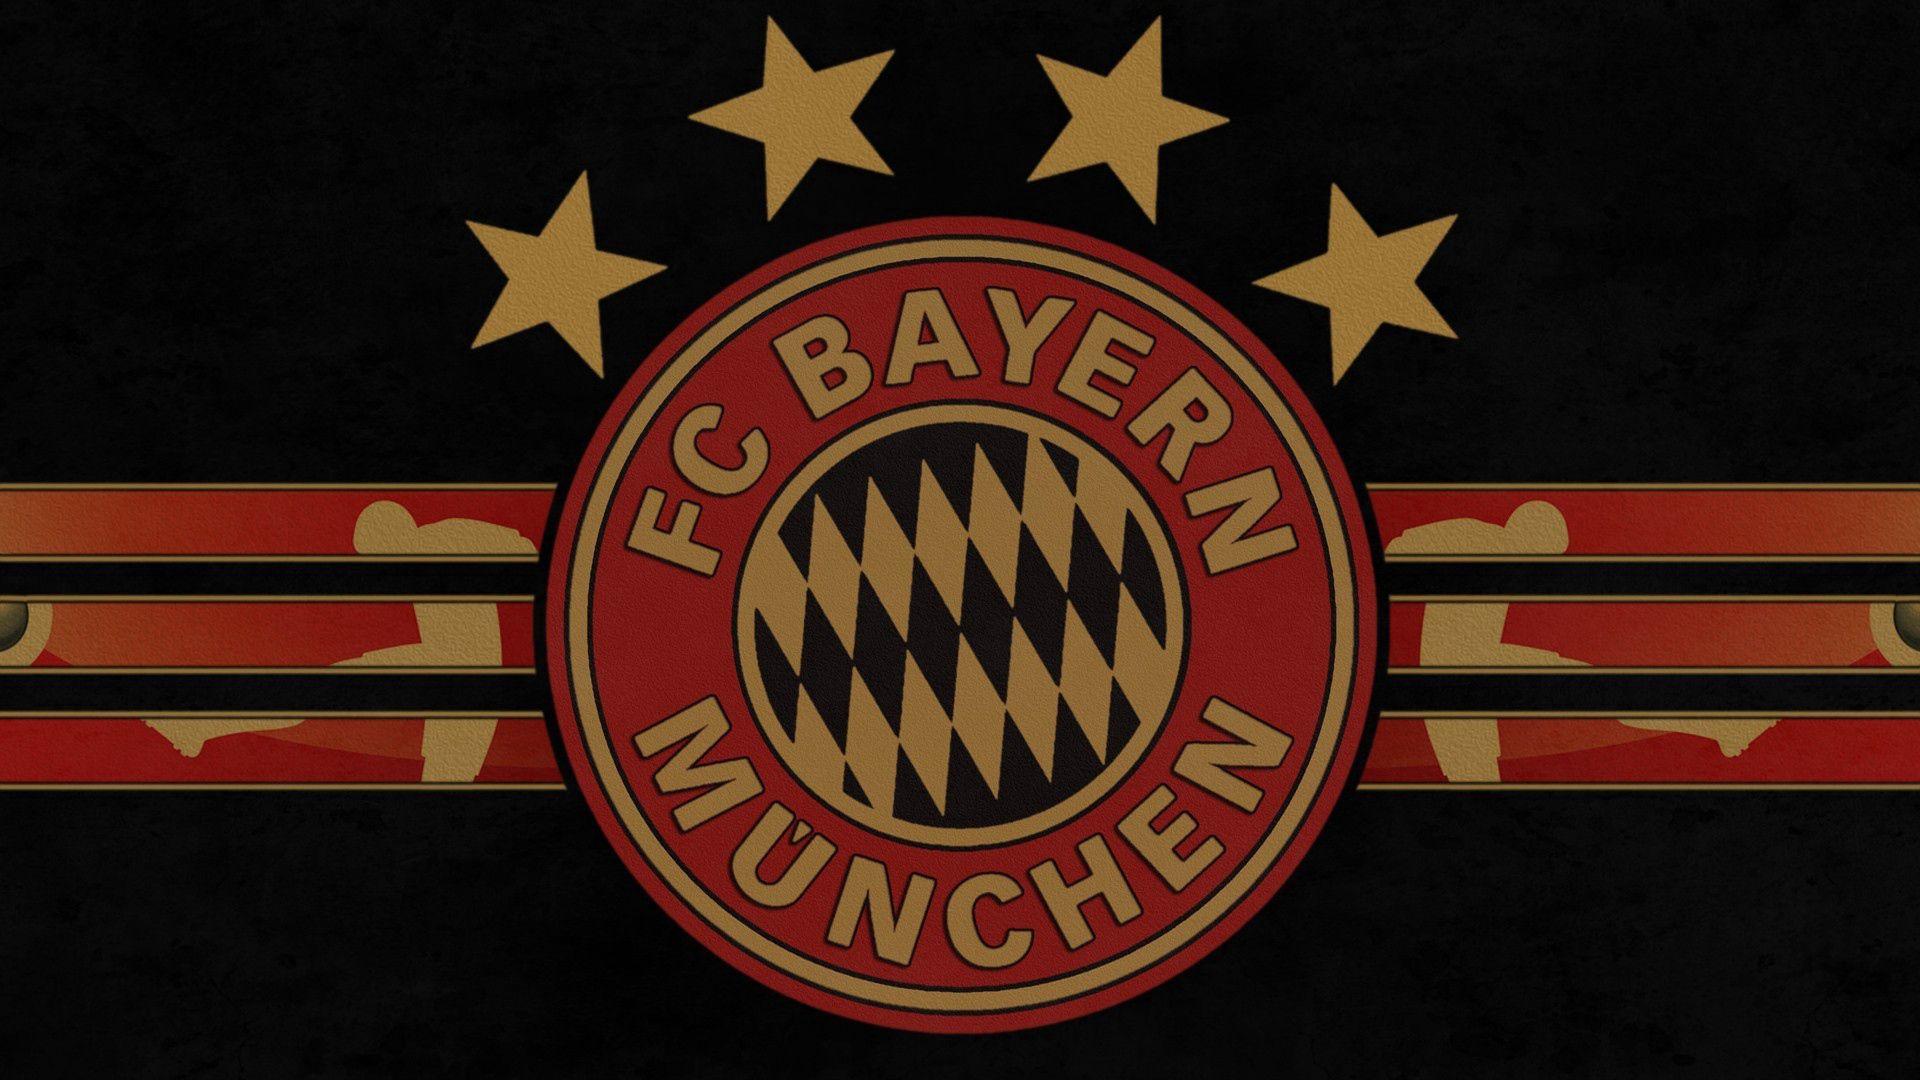 82664 Hintergrundbild herunterladen Sport, Fußball, Deutschland, Emblem, Verein, Club, Bayern München, Fc Bayern München, Fc Bayern Munchen - Bildschirmschoner und Bilder kostenlos